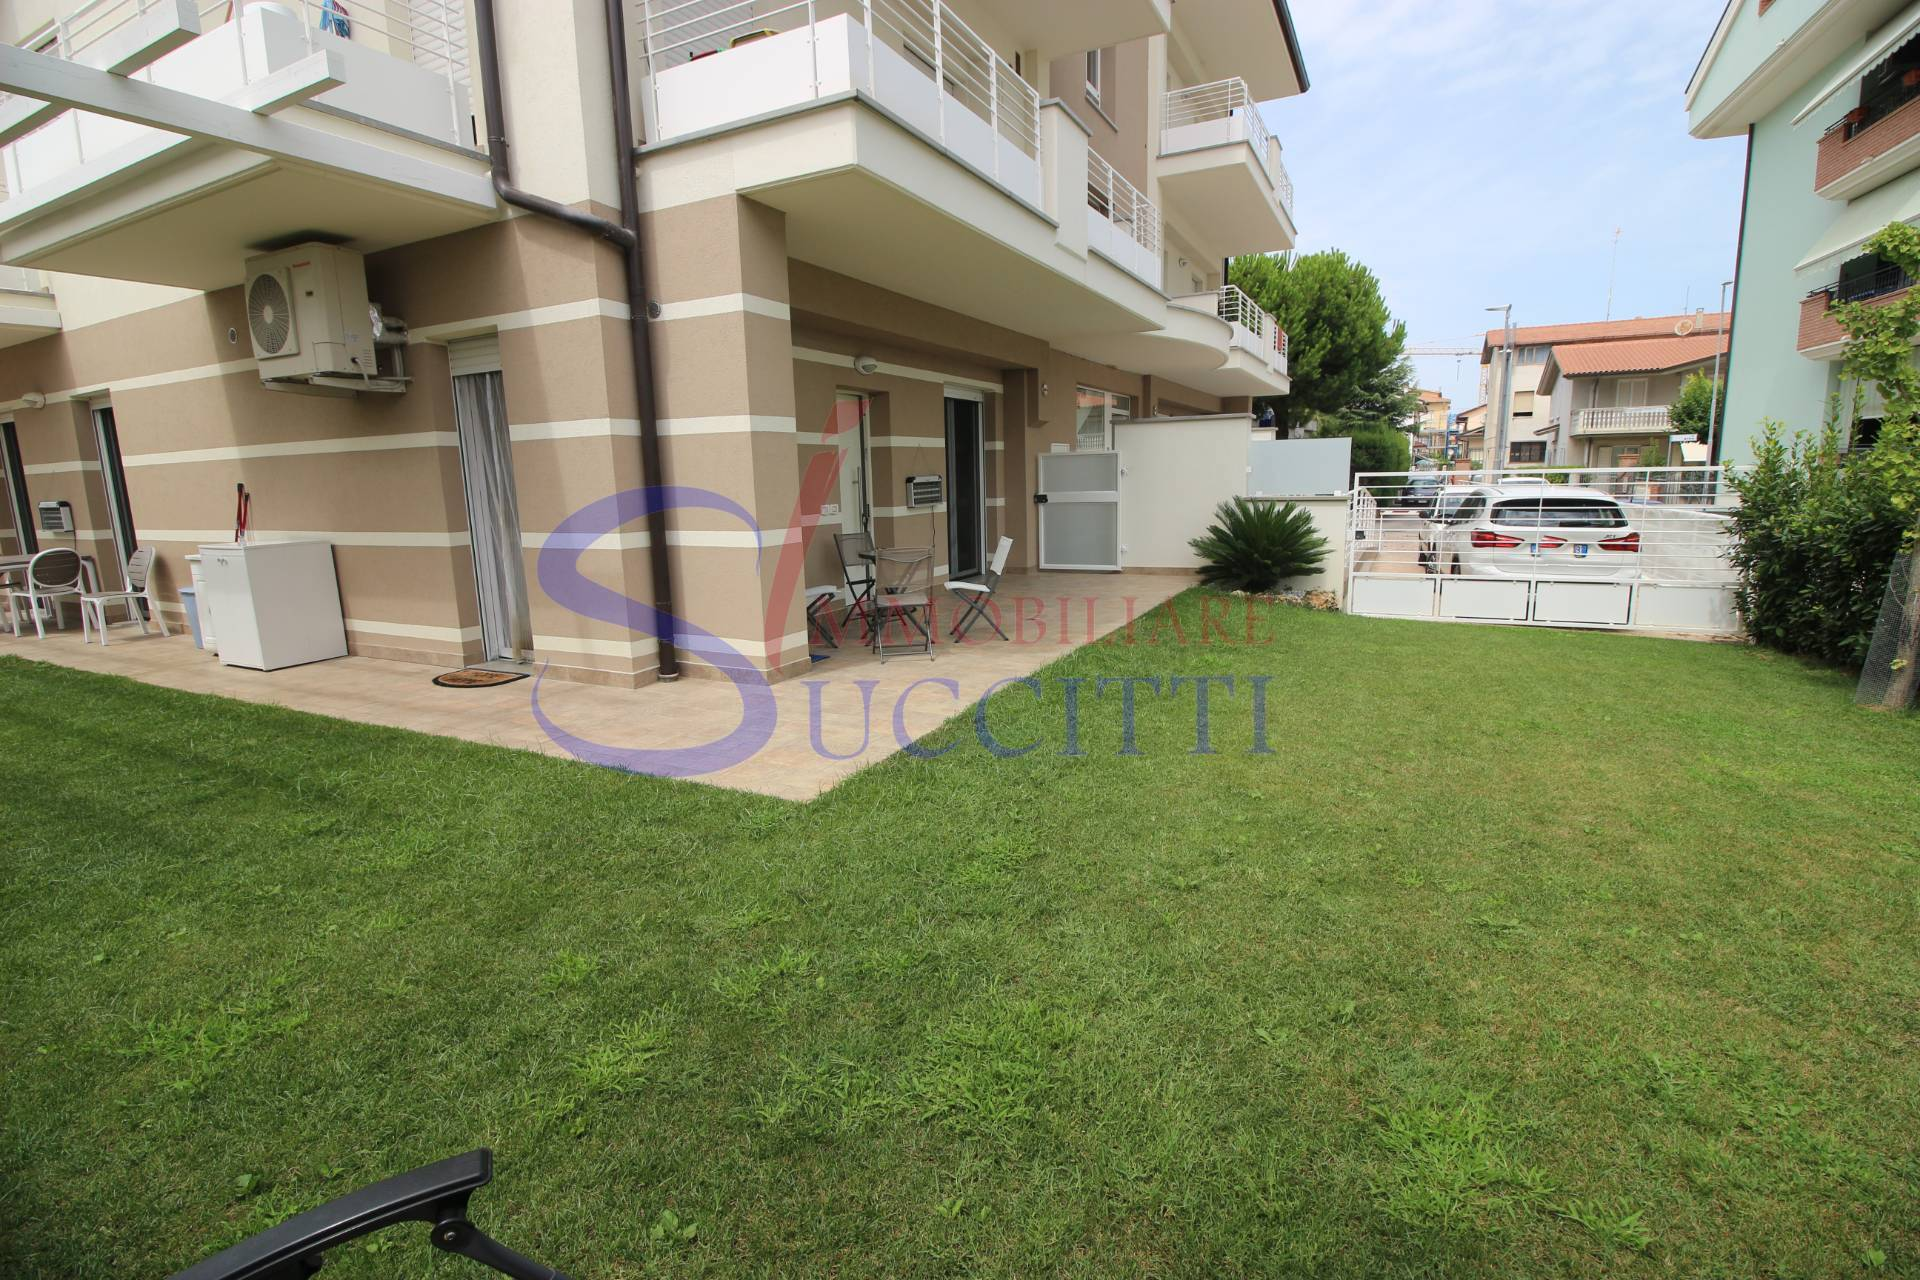 Appartamento in vendita a Giulianova, 3 locali, prezzo € 218.000 | CambioCasa.it